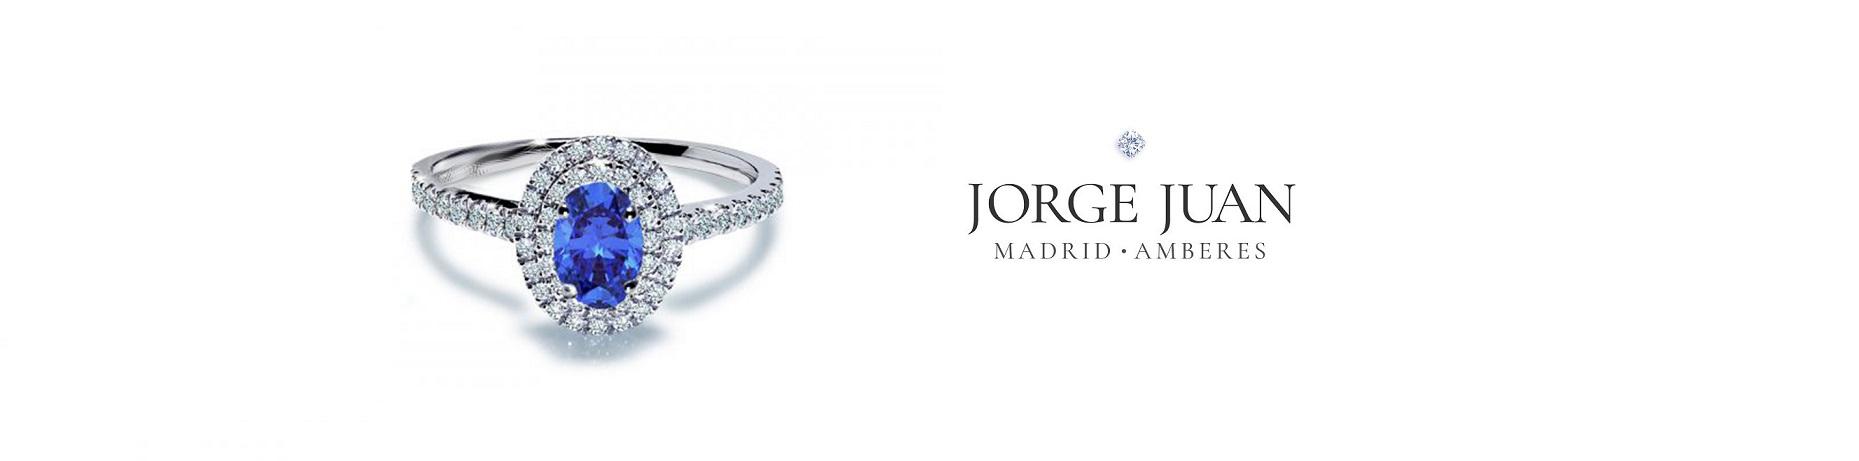 anillos de compromiso de zafiro azul en oro y diamantes